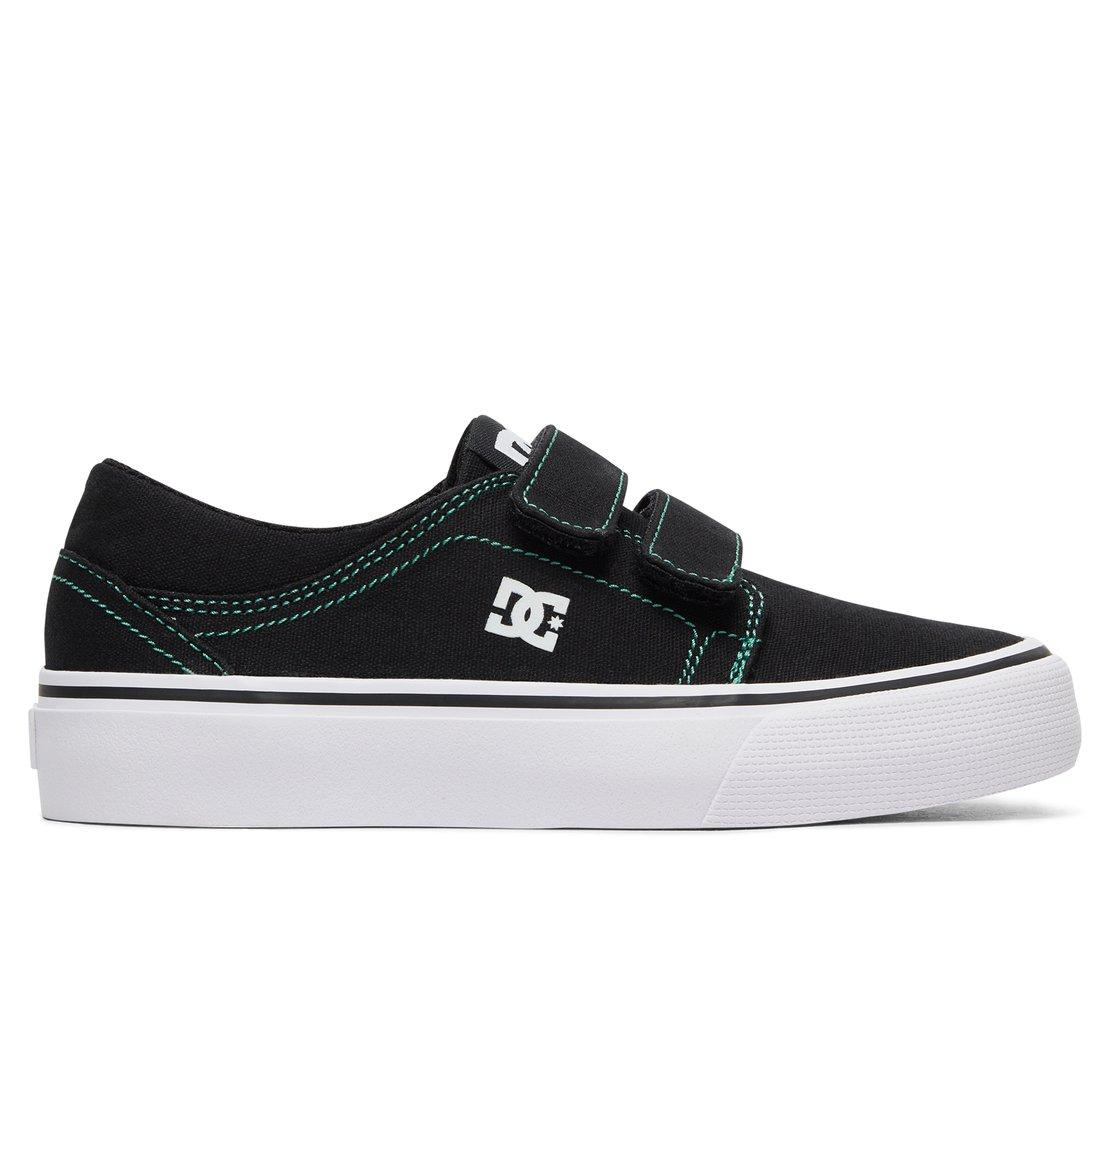 online store 76e96 528fa Trase V TX - Schuhe für Jungs